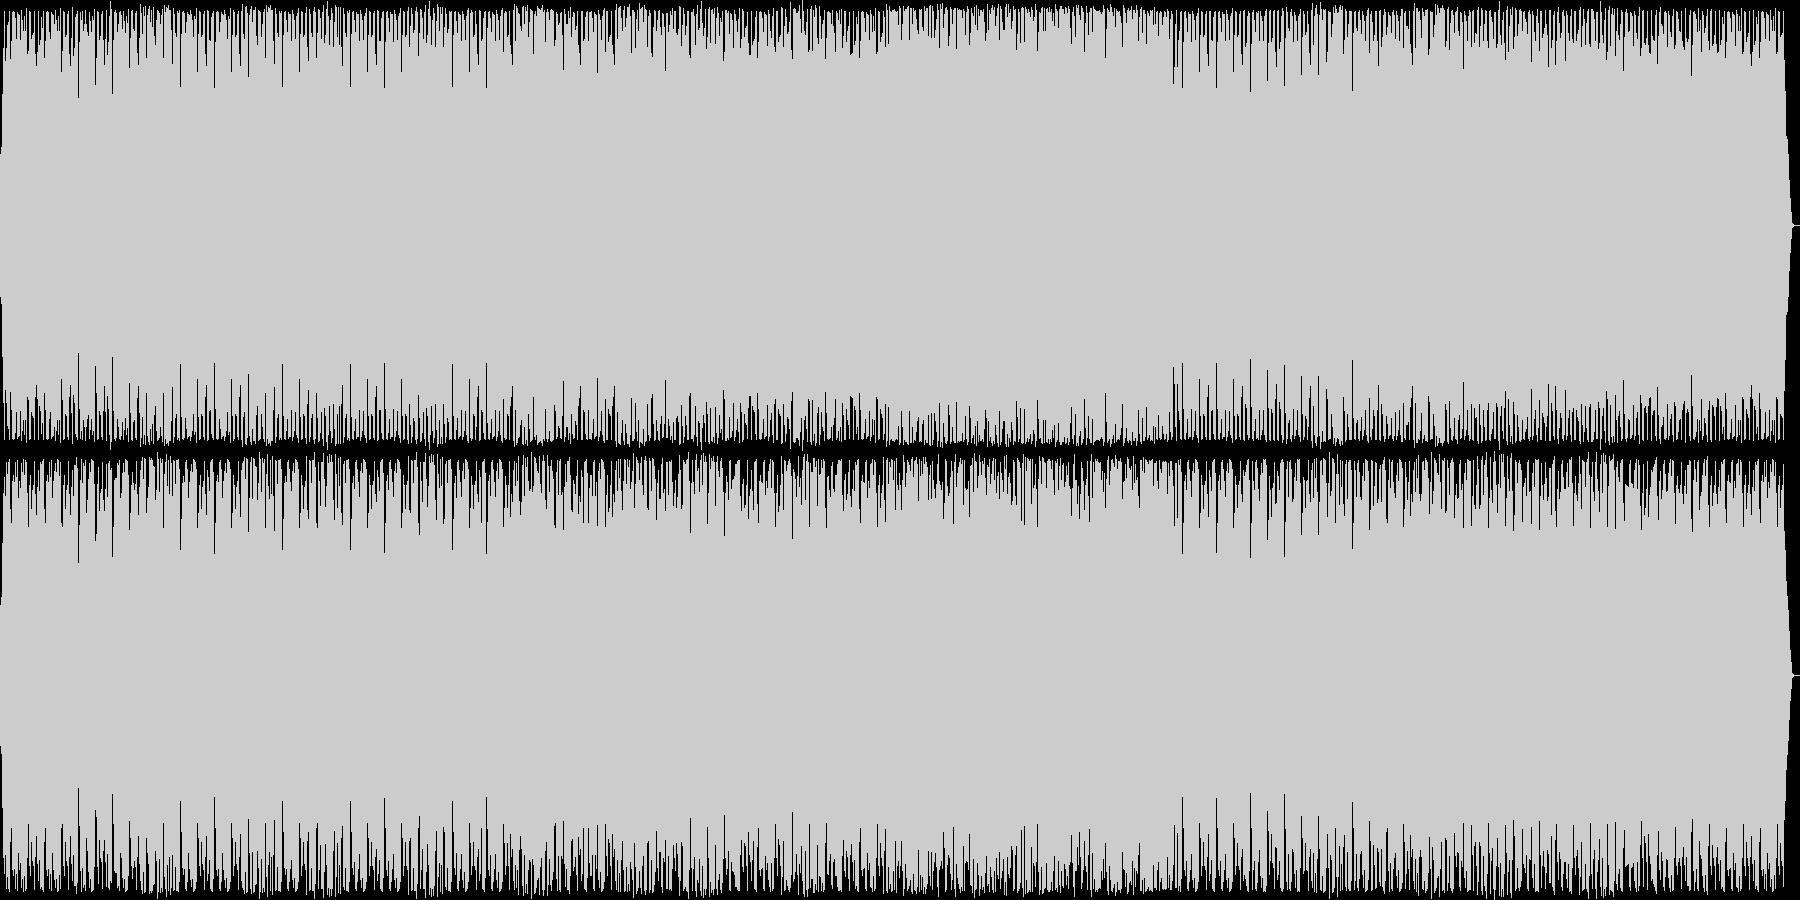 安らぎ感のあるシンセサイザーサウンドの未再生の波形